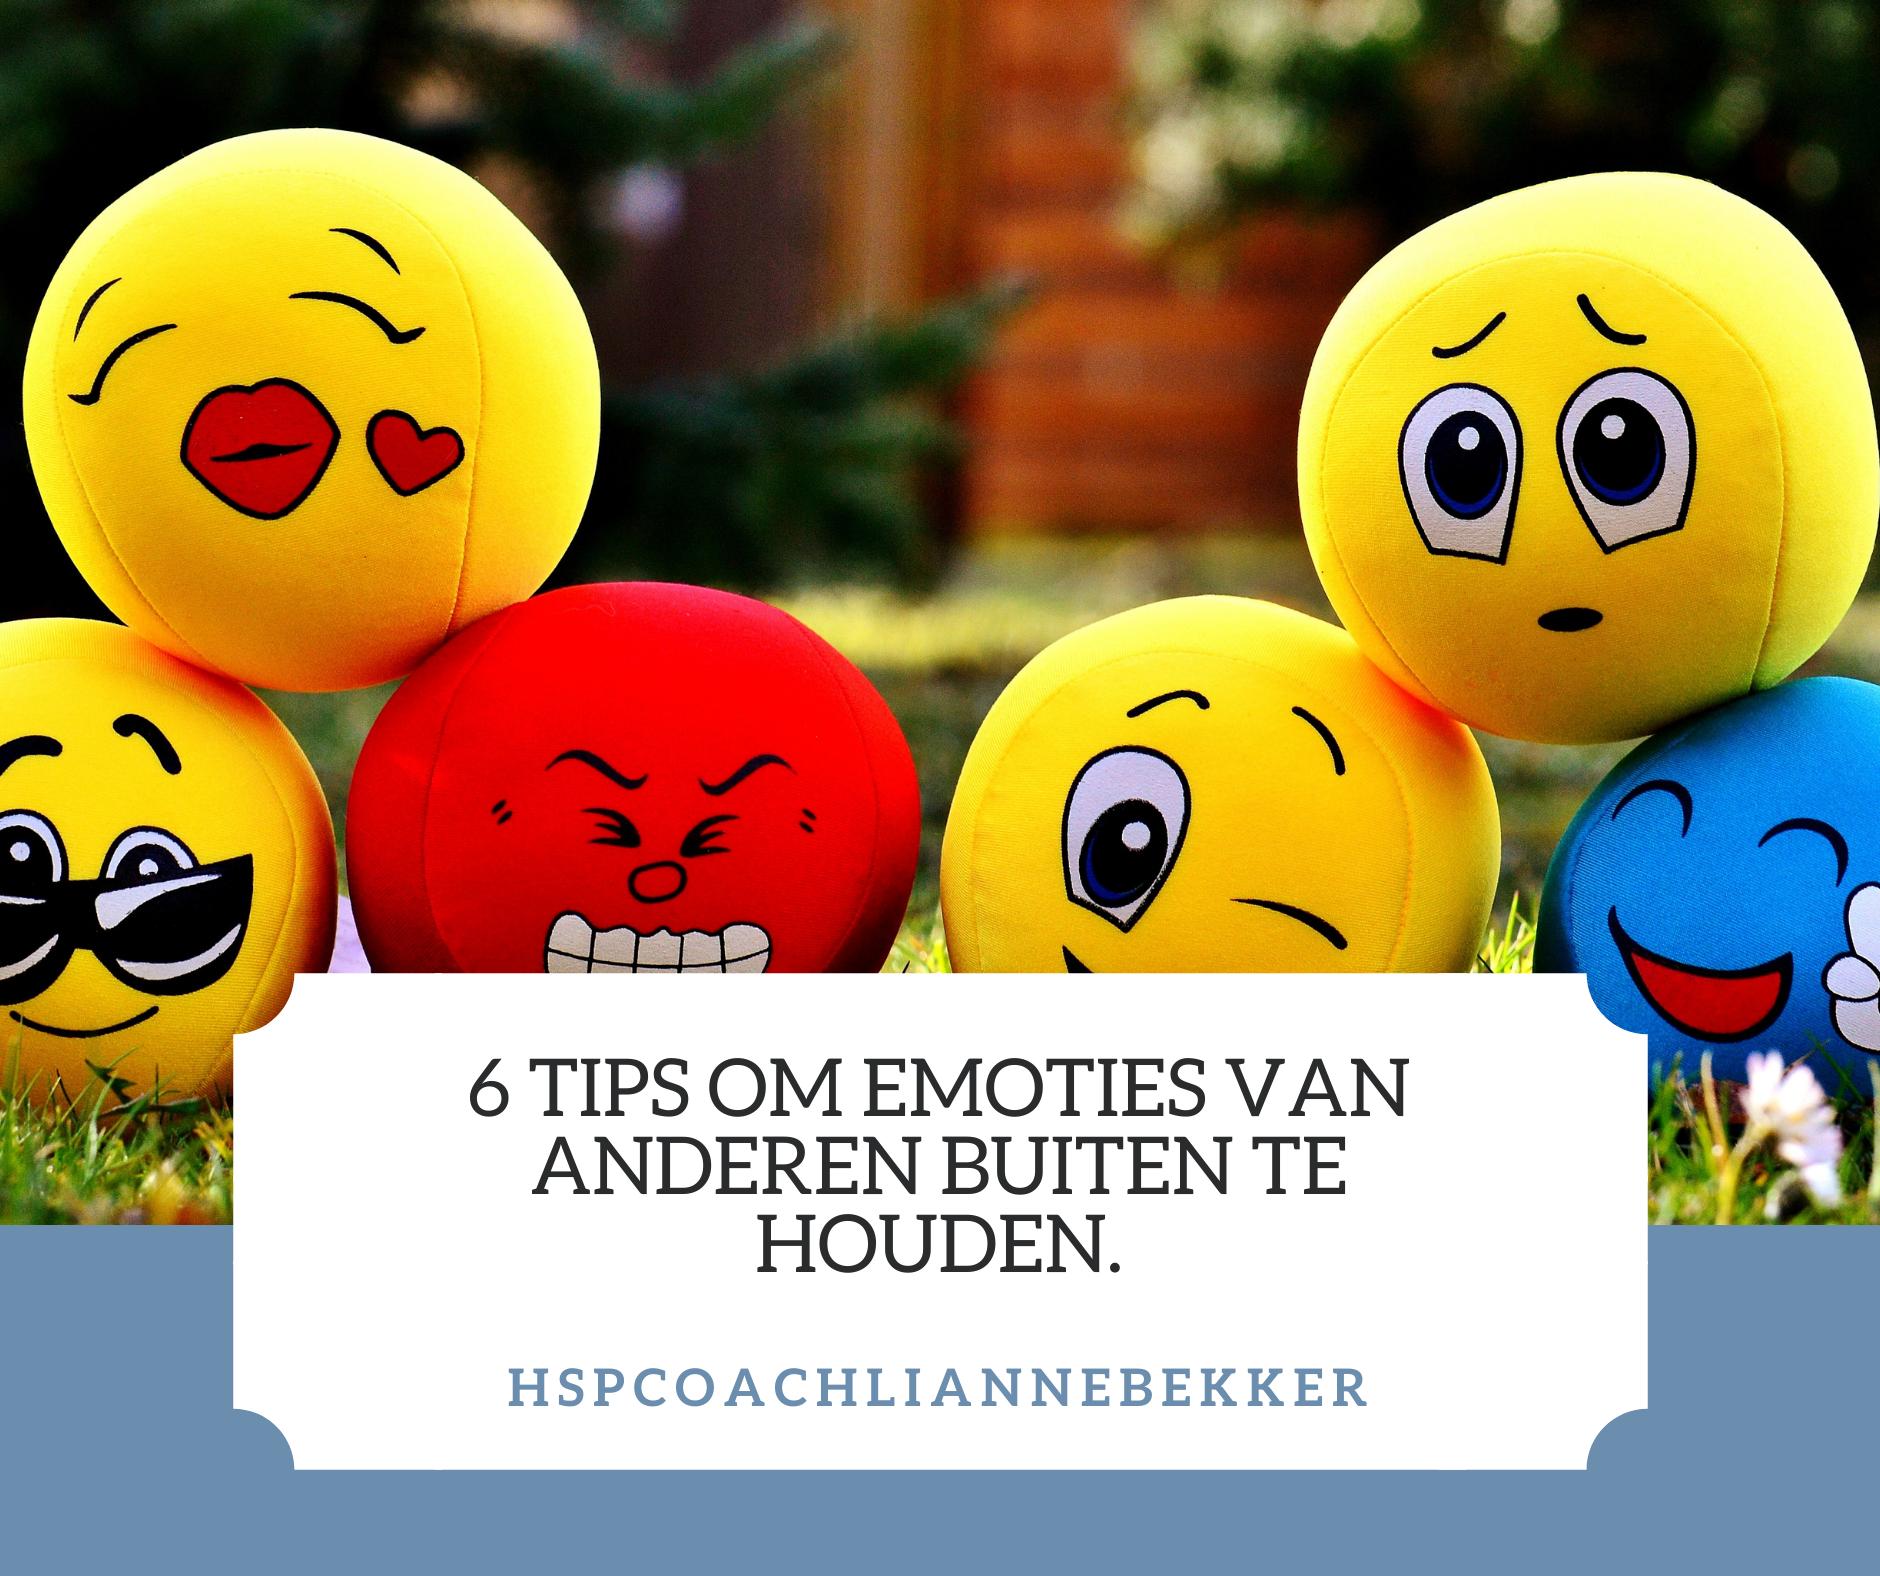 6 Tips om emoties van anderen buiten te houden